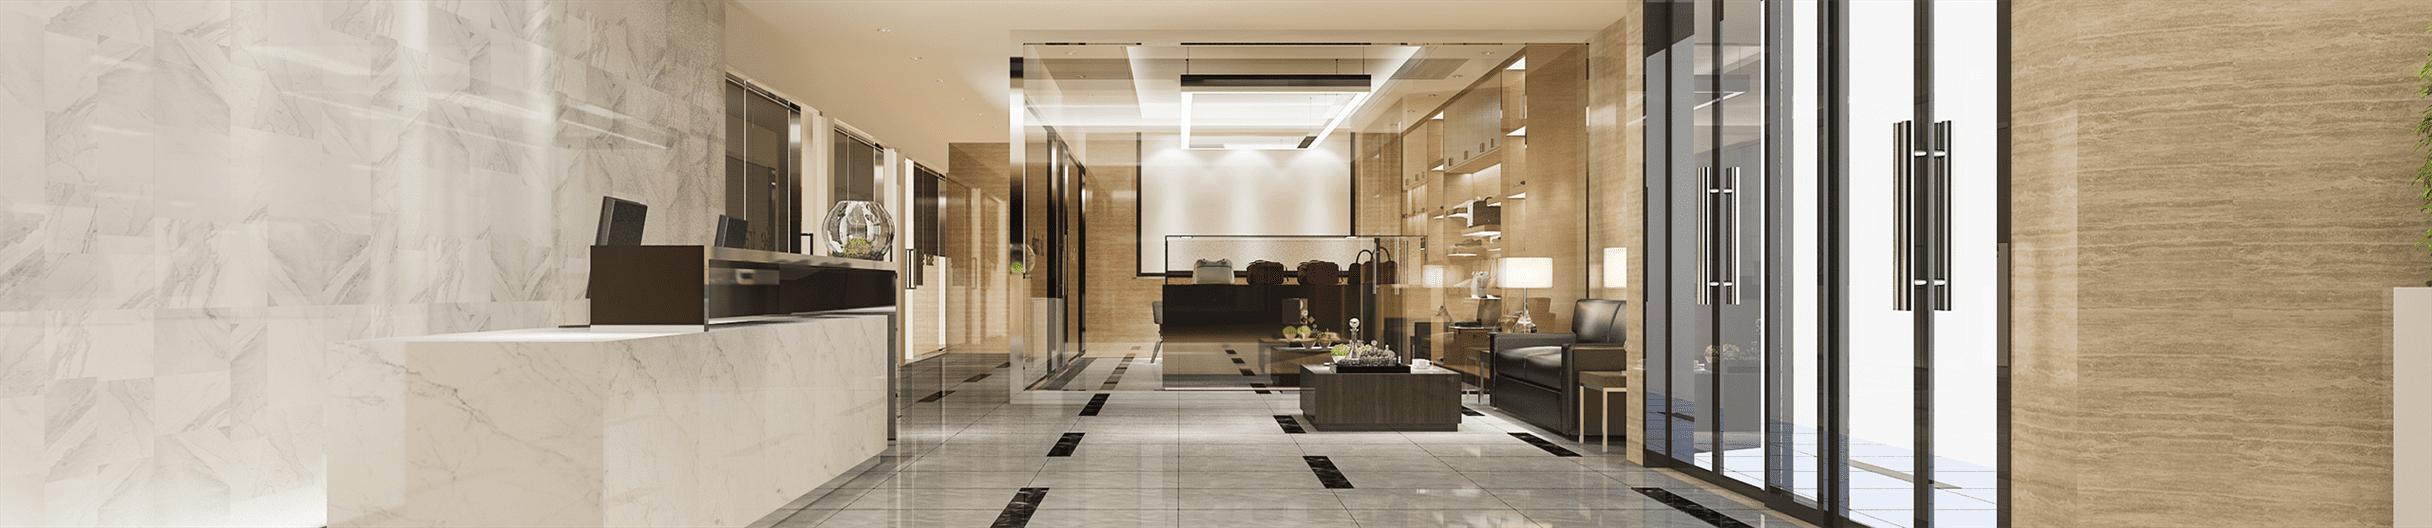 Sanificazione hotel: scopri alcune tra le migliori soluzioni